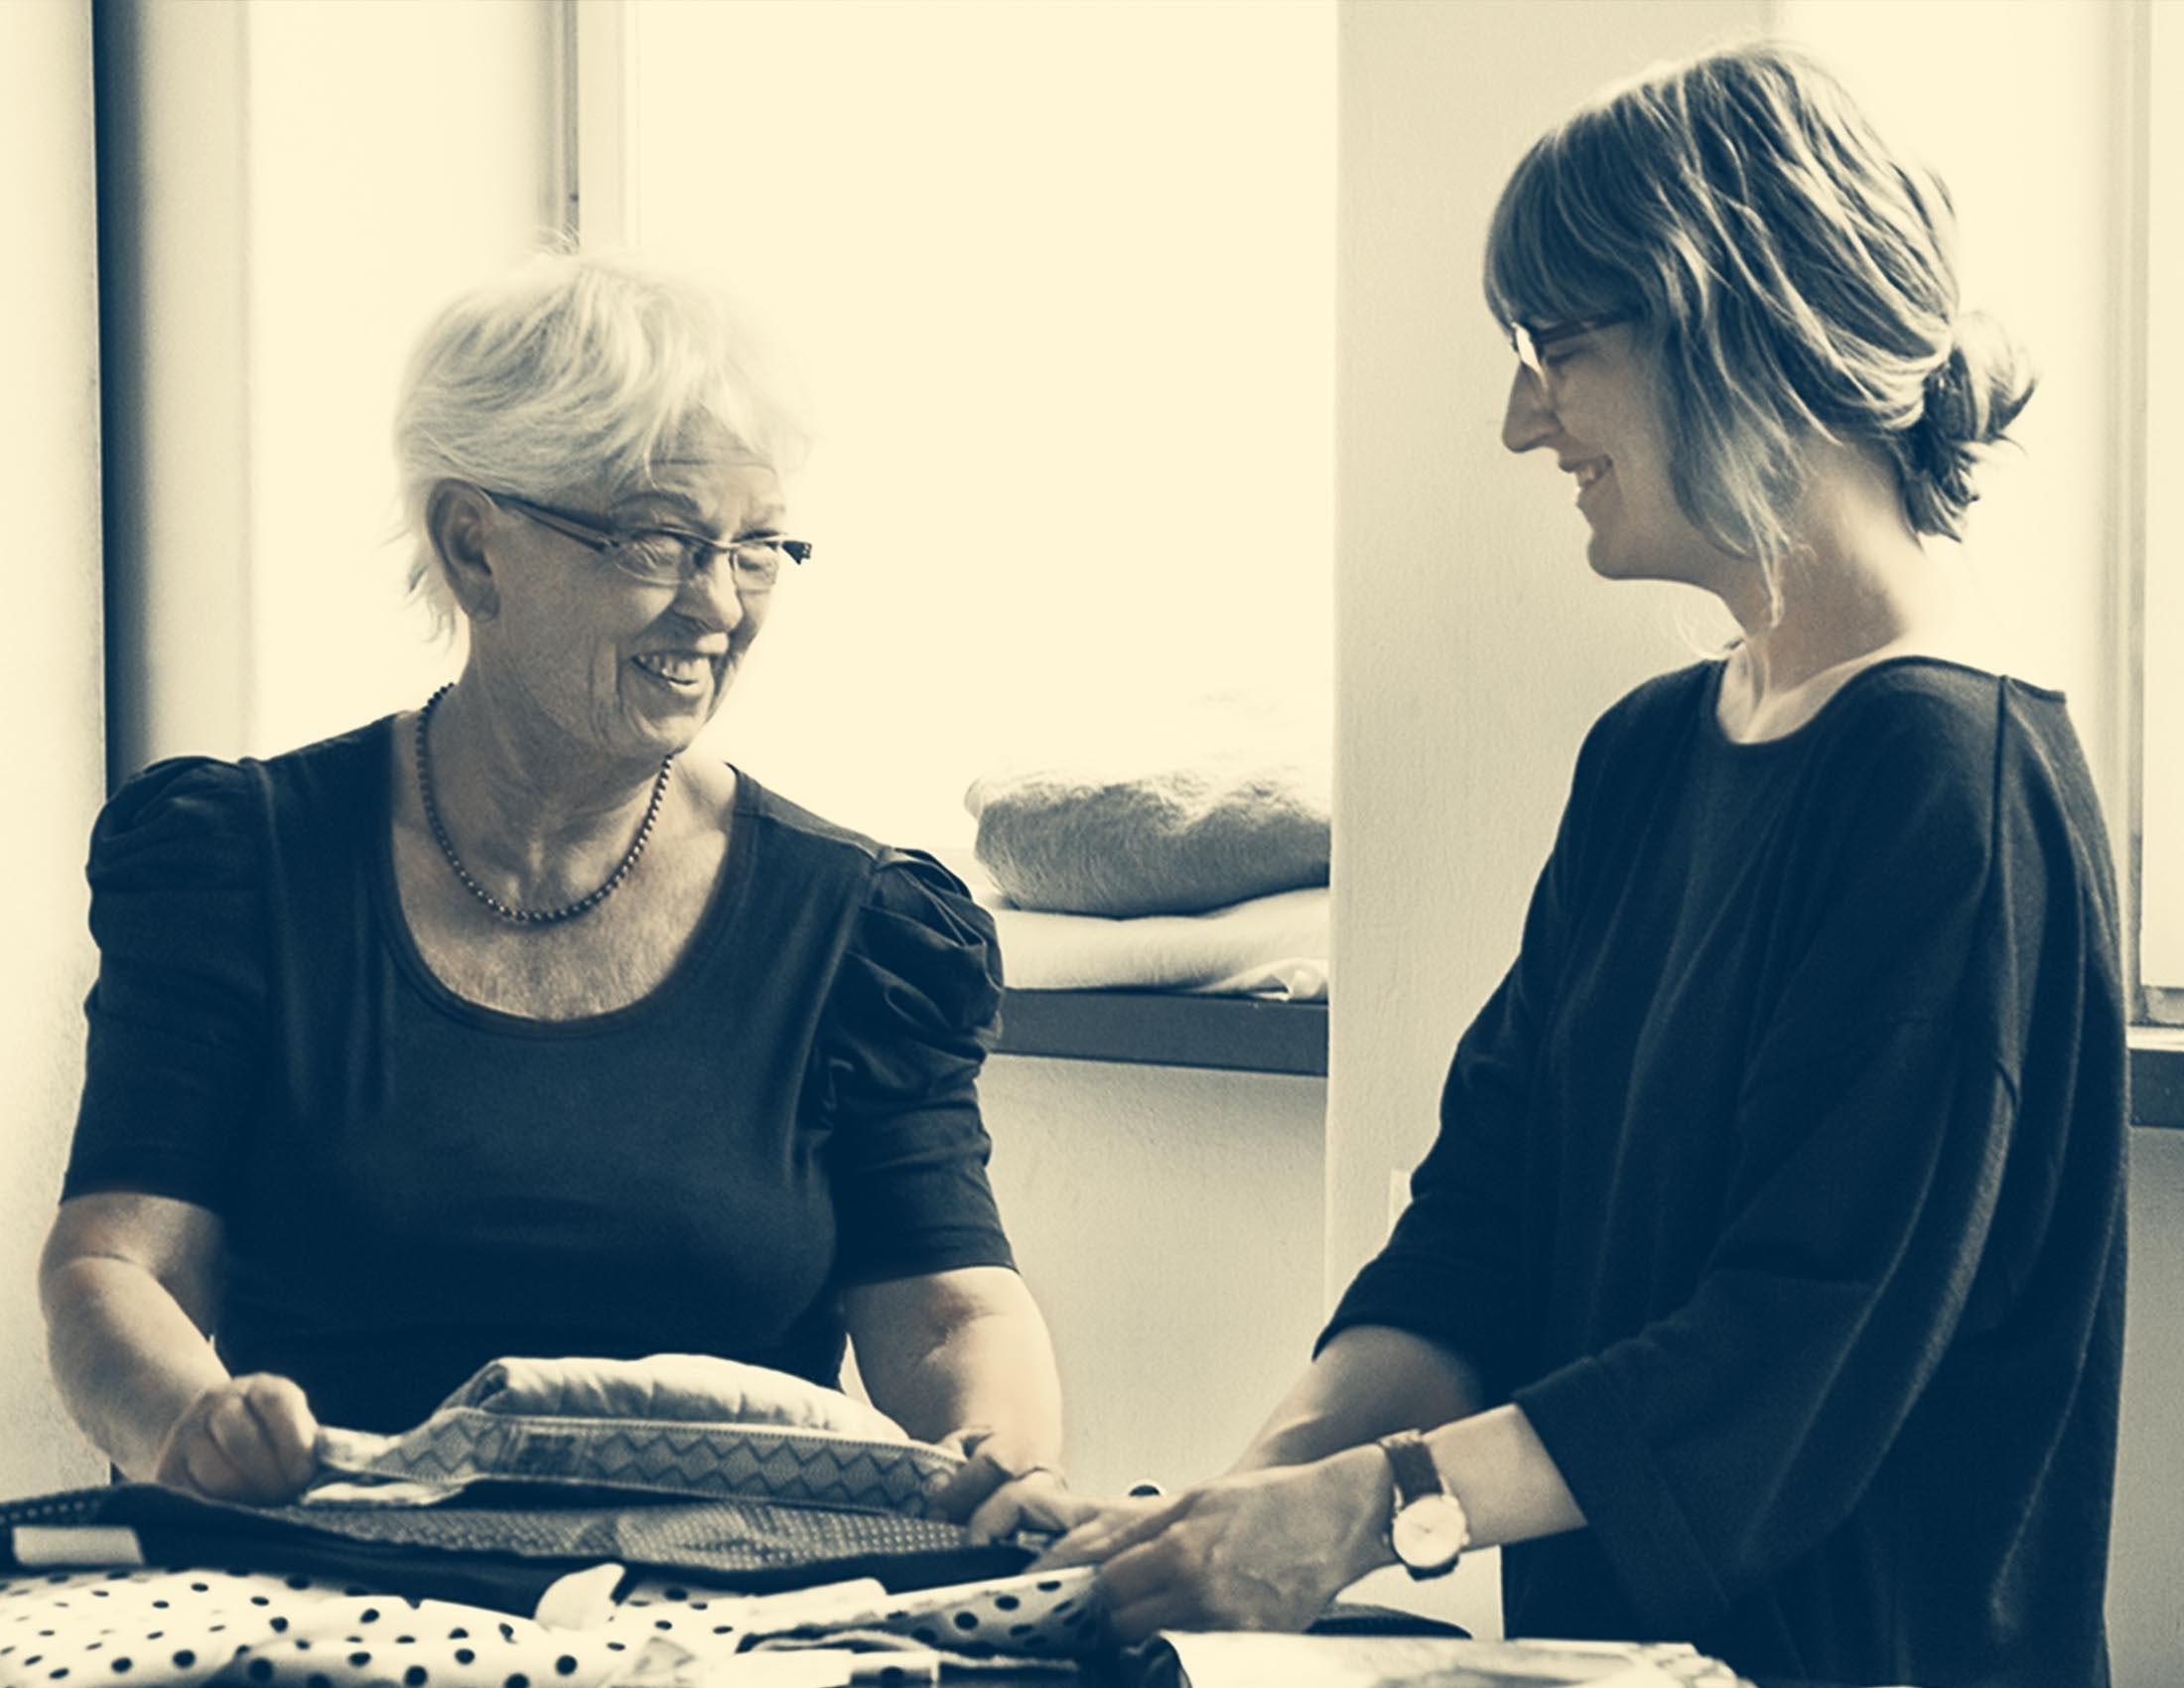 La fondatrice et designer textile Lillemor et la directrice artistique Karin ont du flair pour les tissus. | BABYBJÖRN